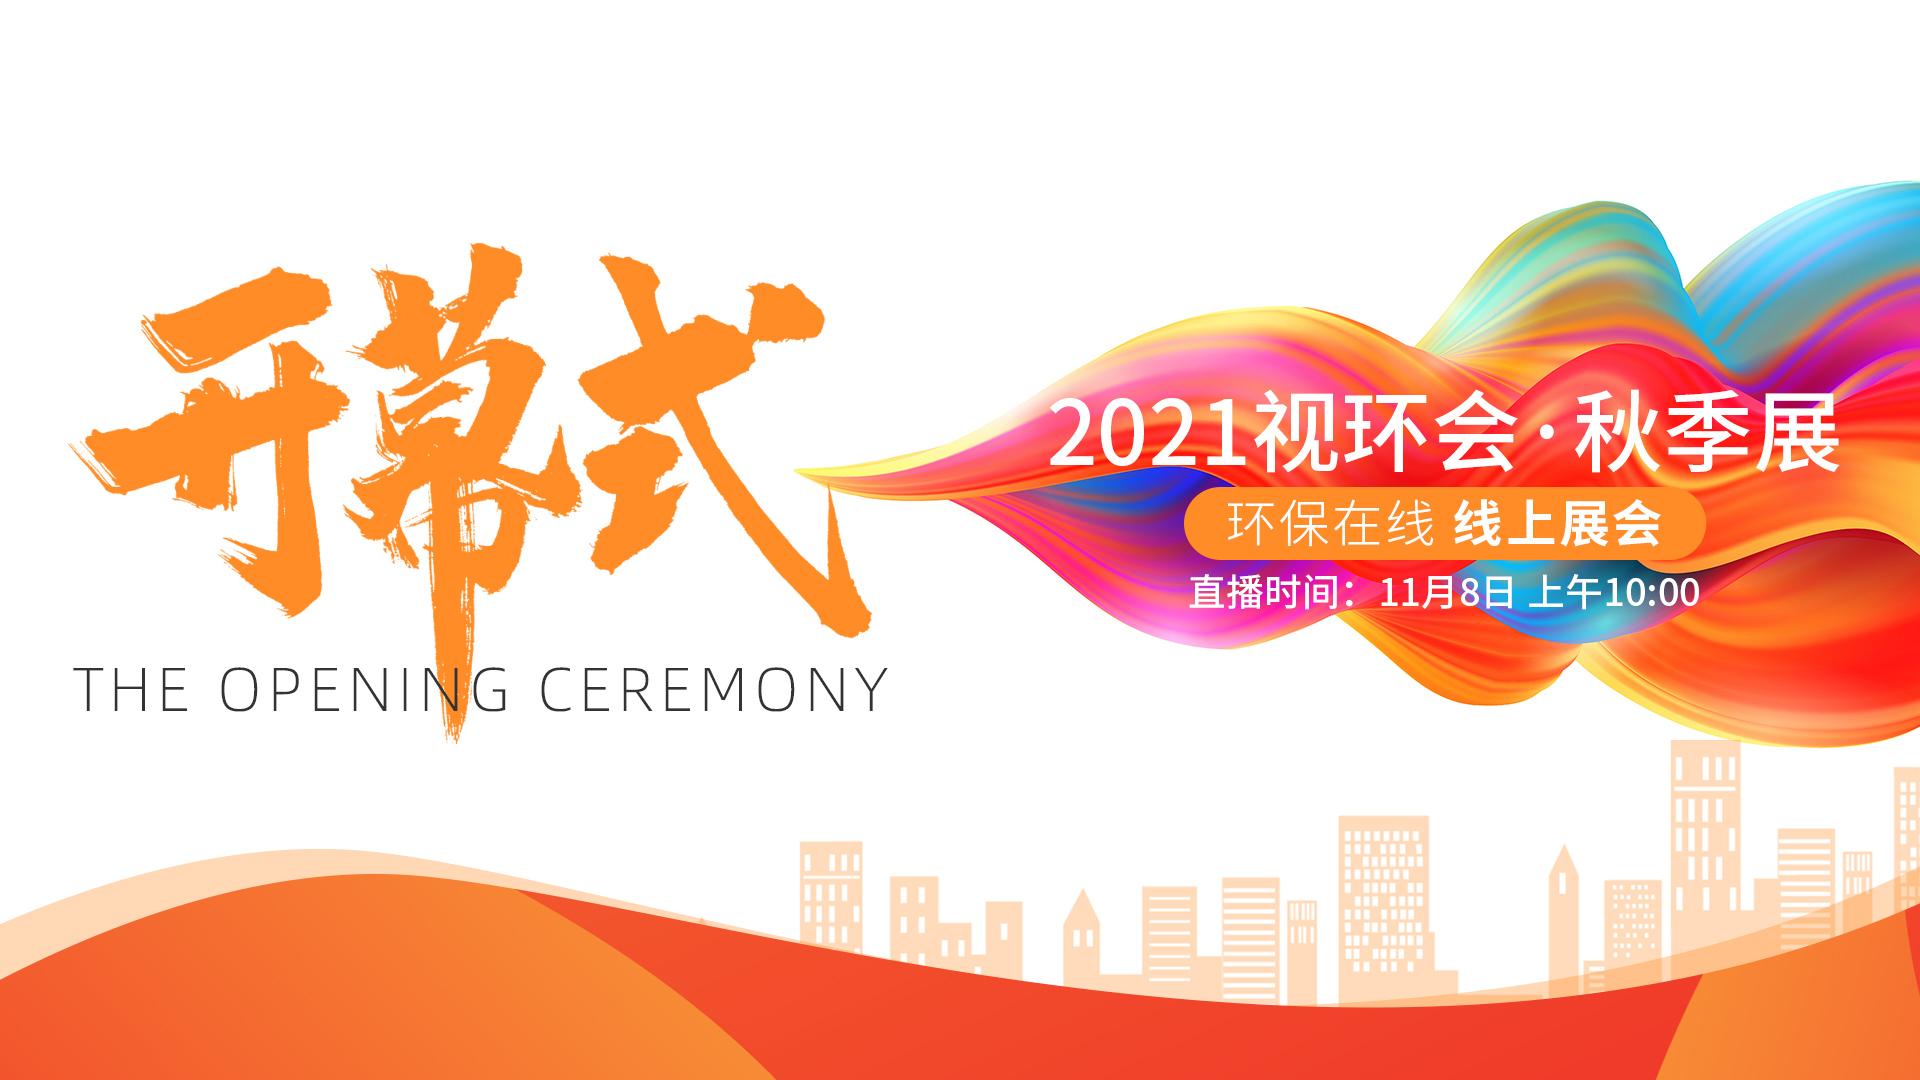 开幕式:2021视环会秋季展线上展11月8日开幕